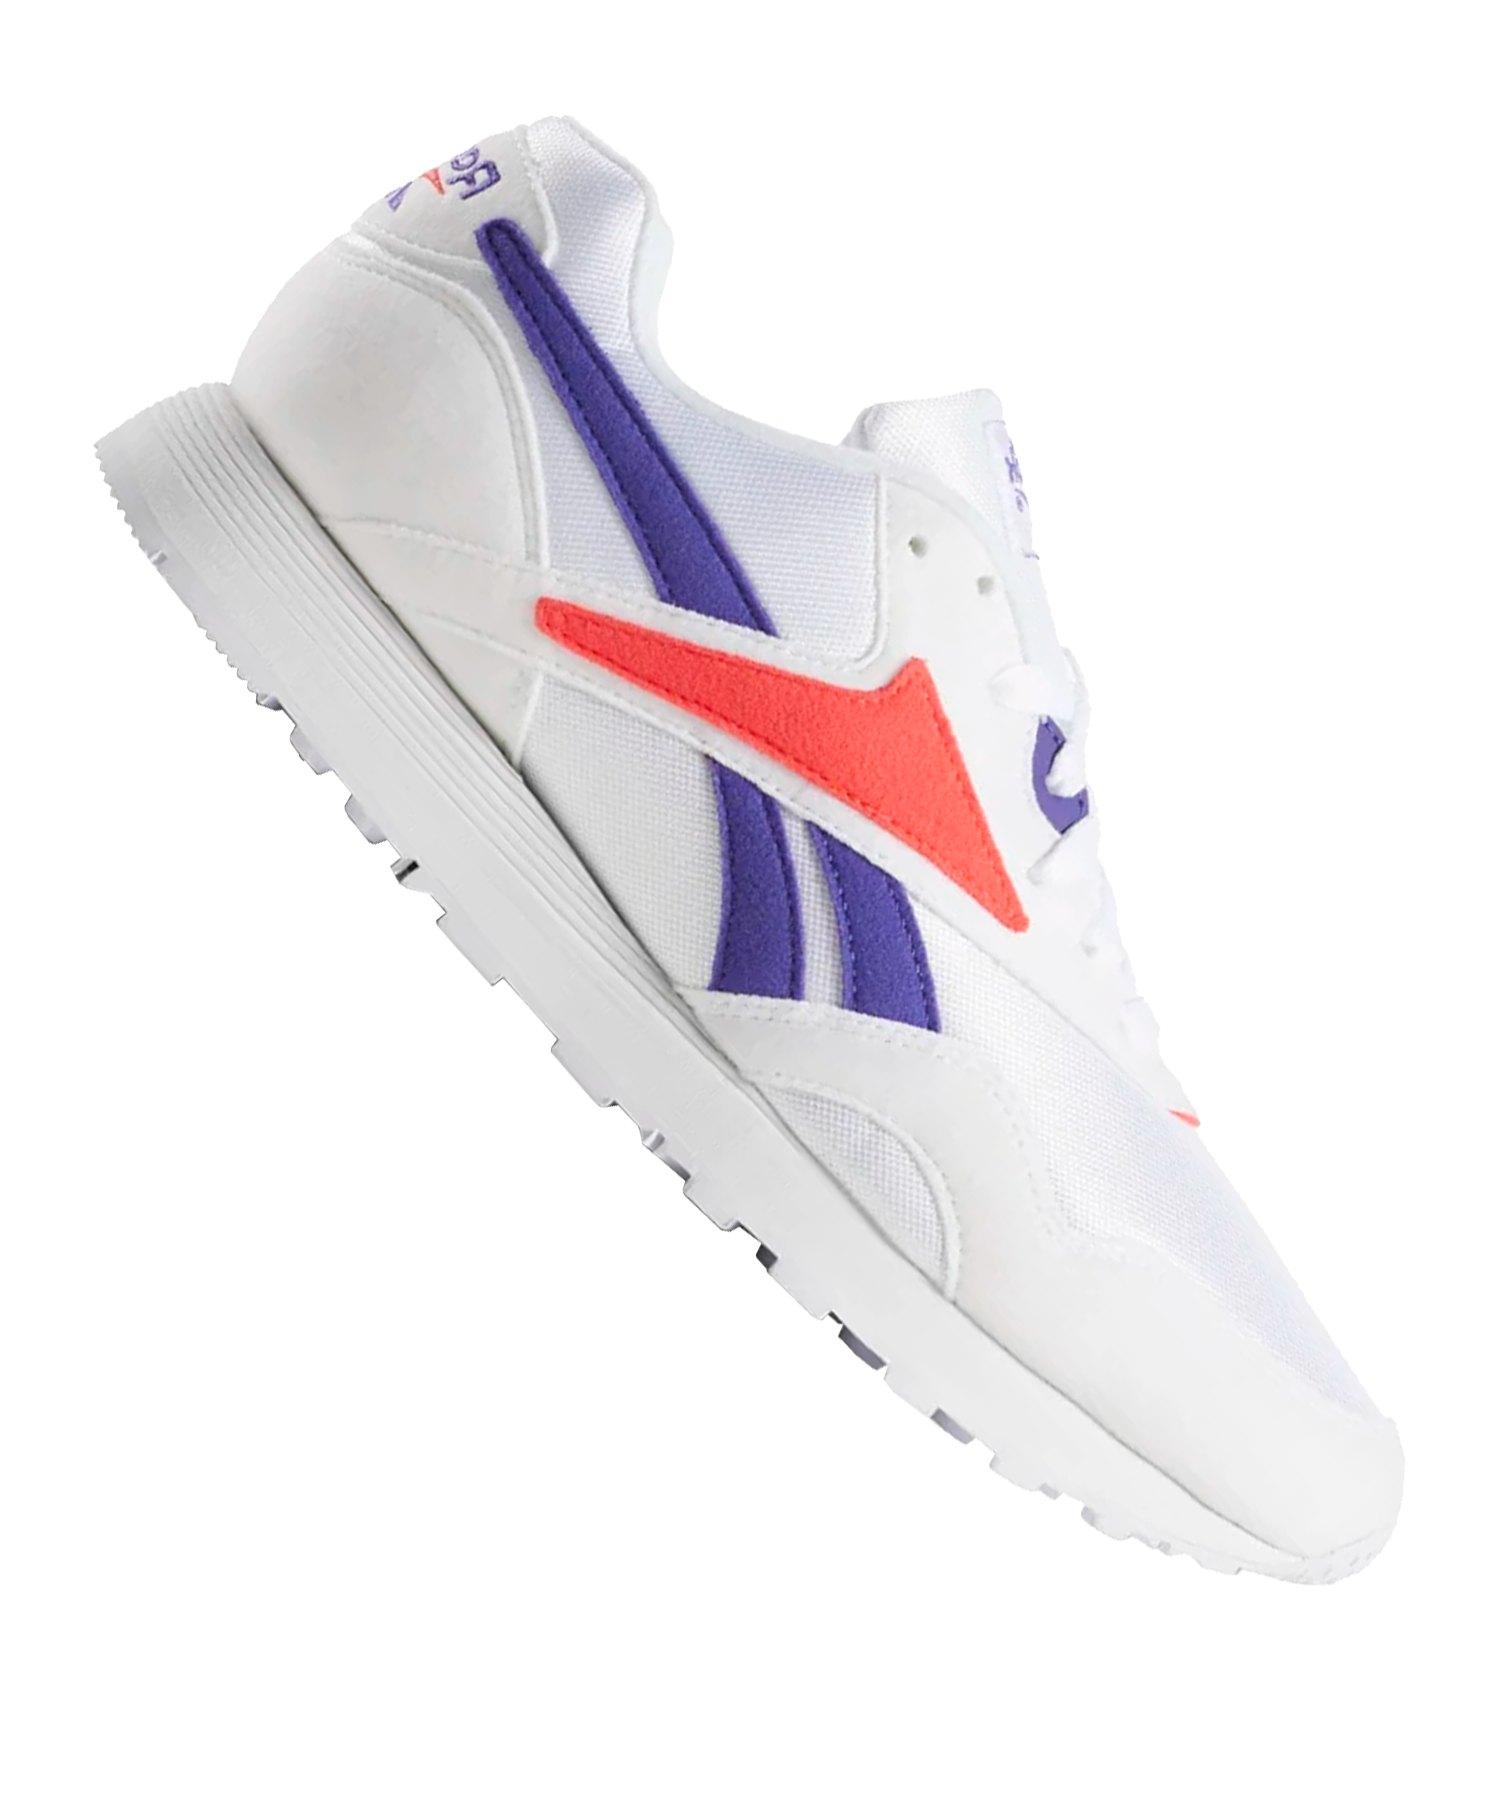 Reebok Rapide MU Sneaker Weiss Lila Rot - weiss